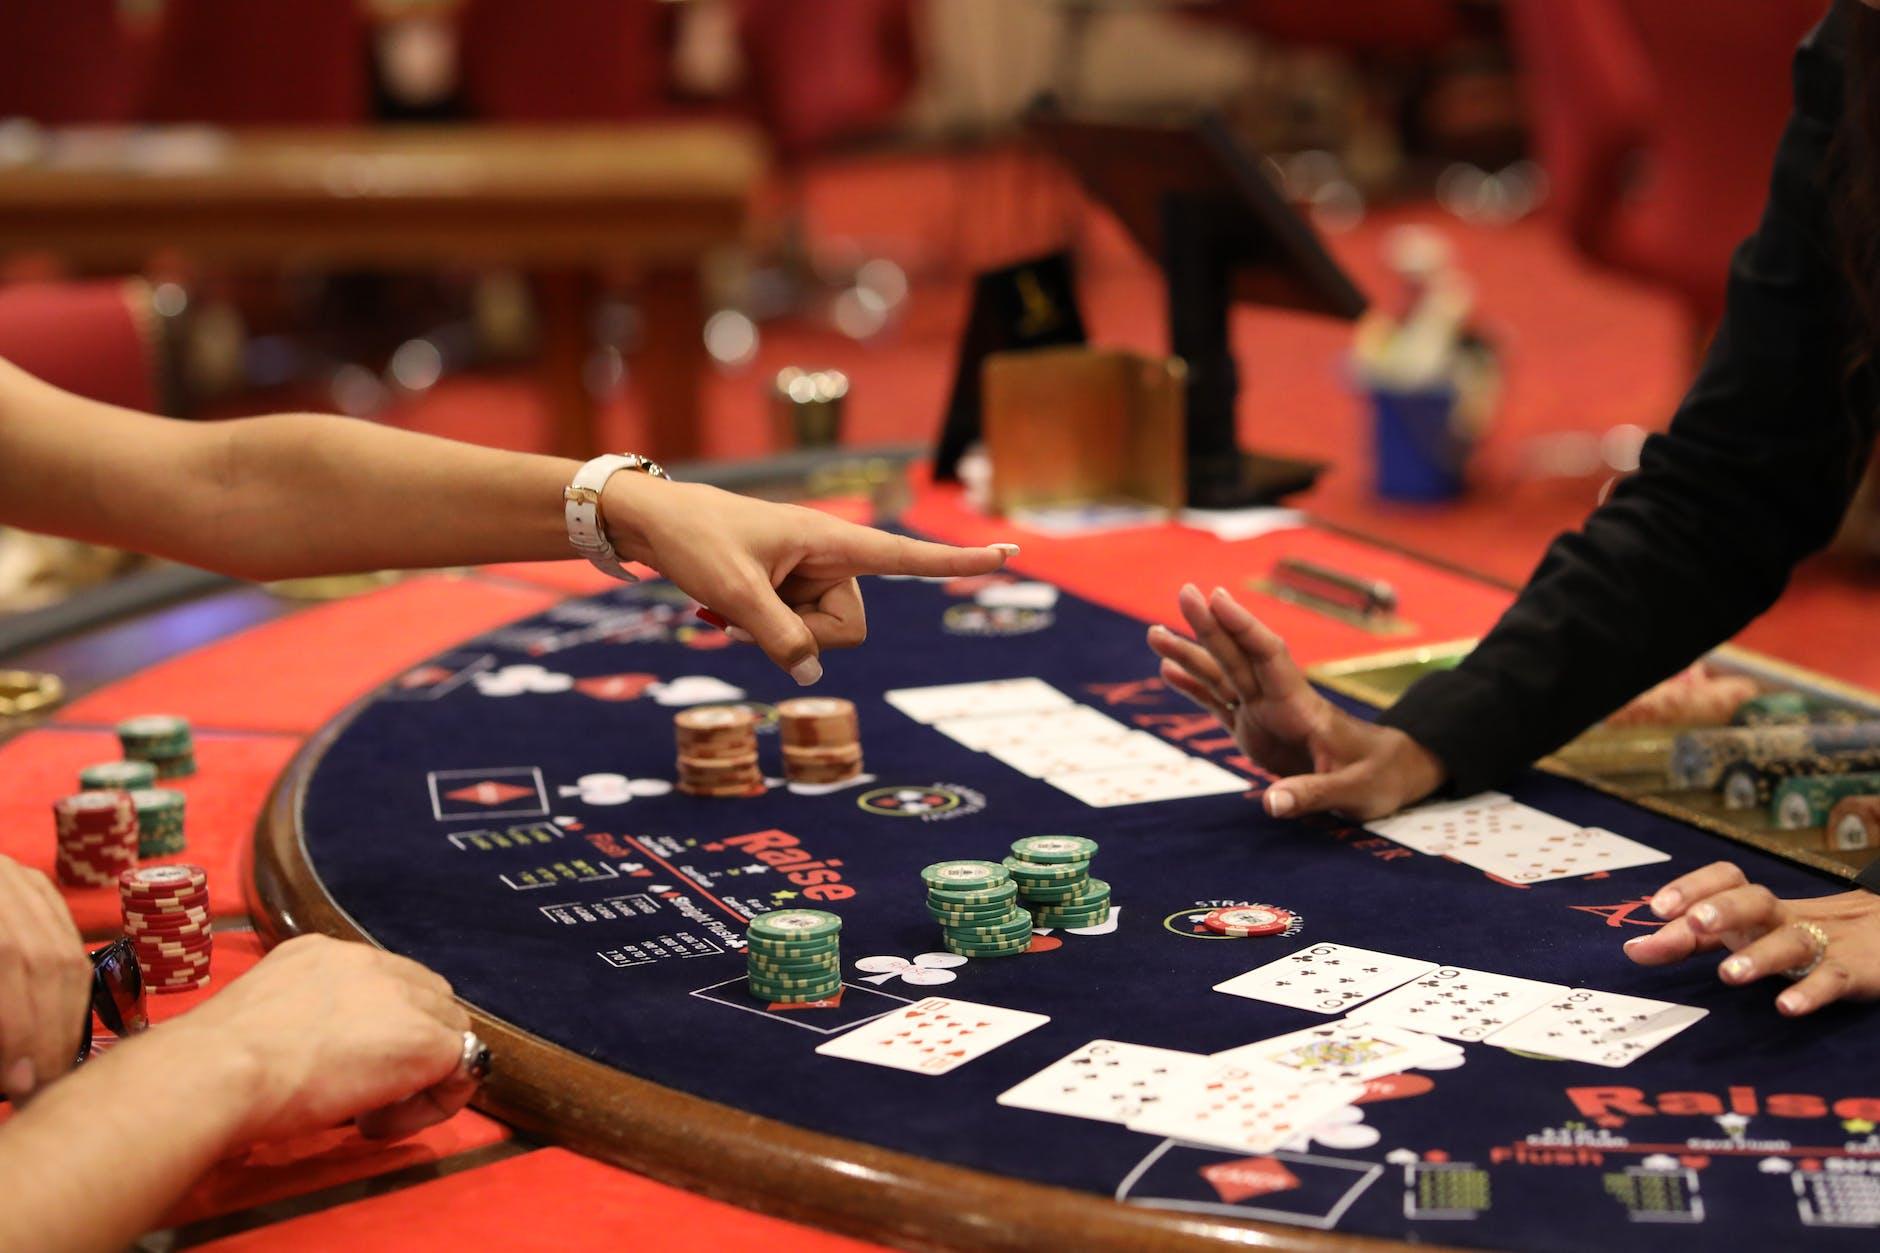 Een spelletje blackjack wordt gespeeld in een fysiek casino